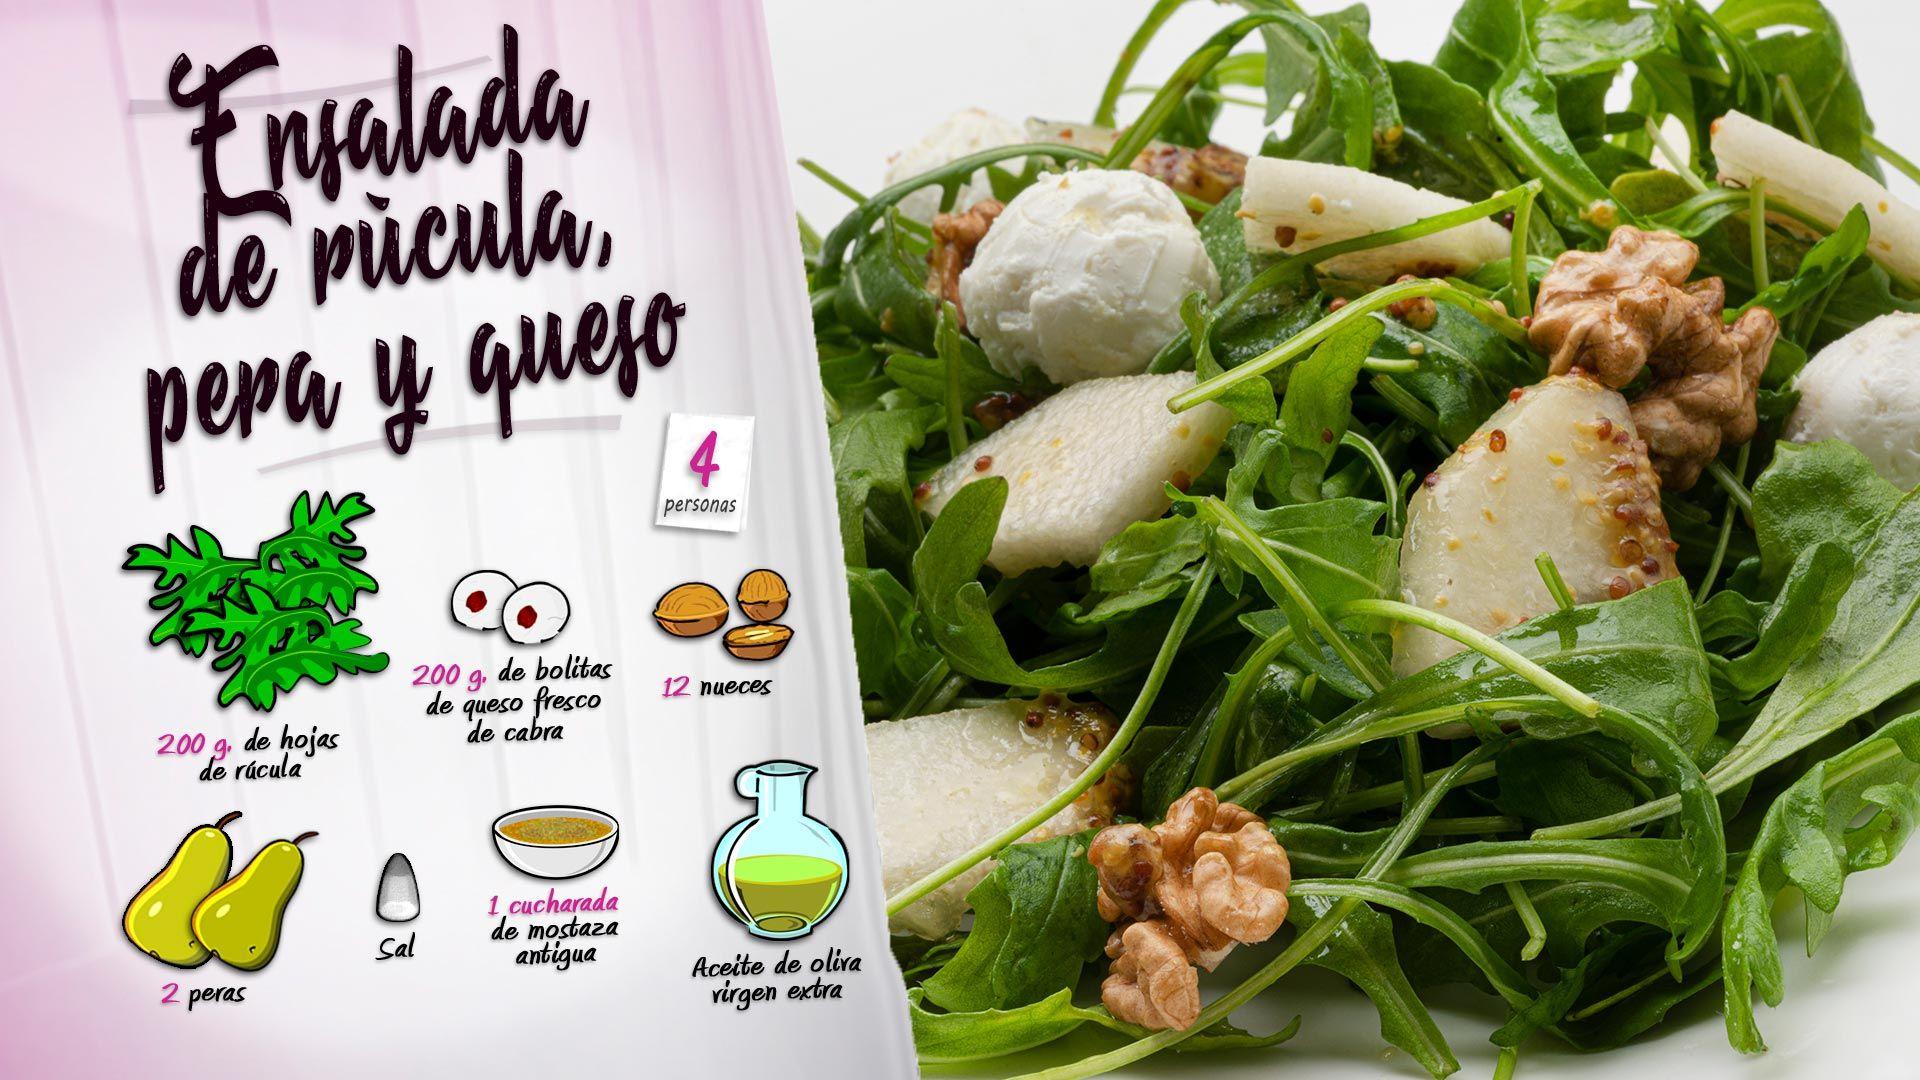 Ensalada de rúcula, pera y queso